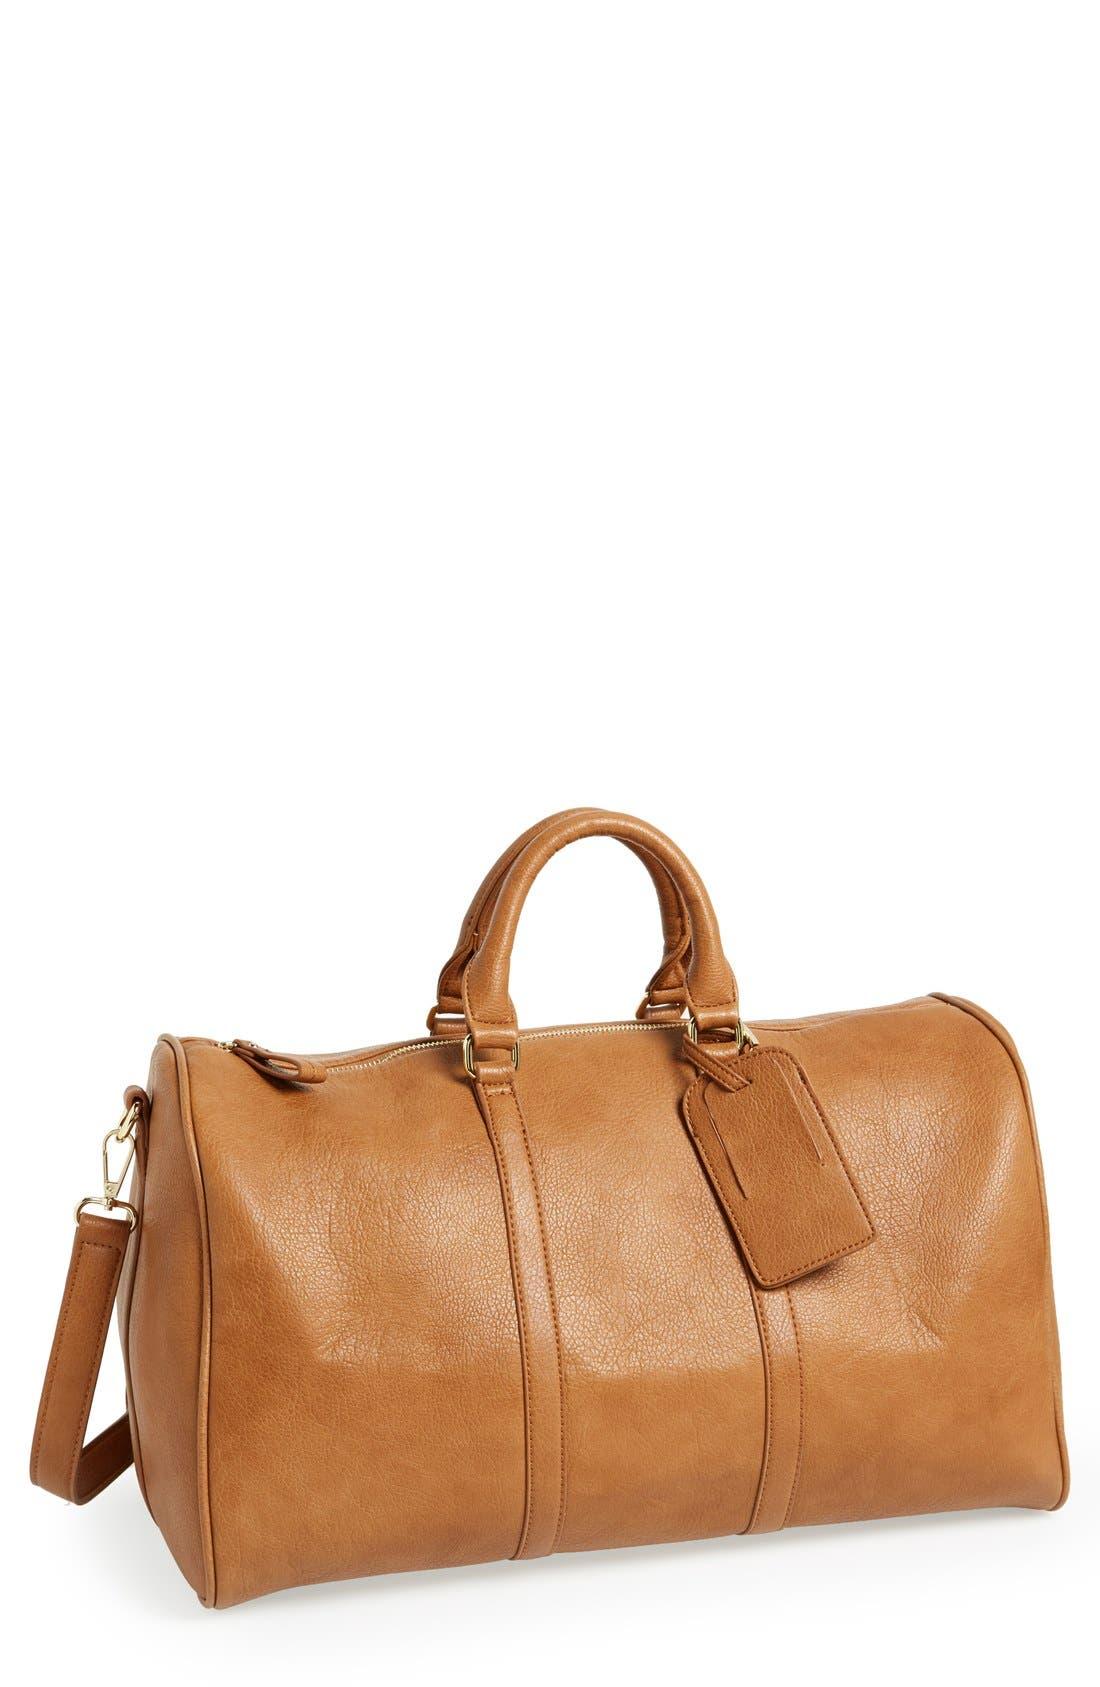 'Cassidy' Faux Leather Duffel Bag,                         Main,                         color, COGNAC